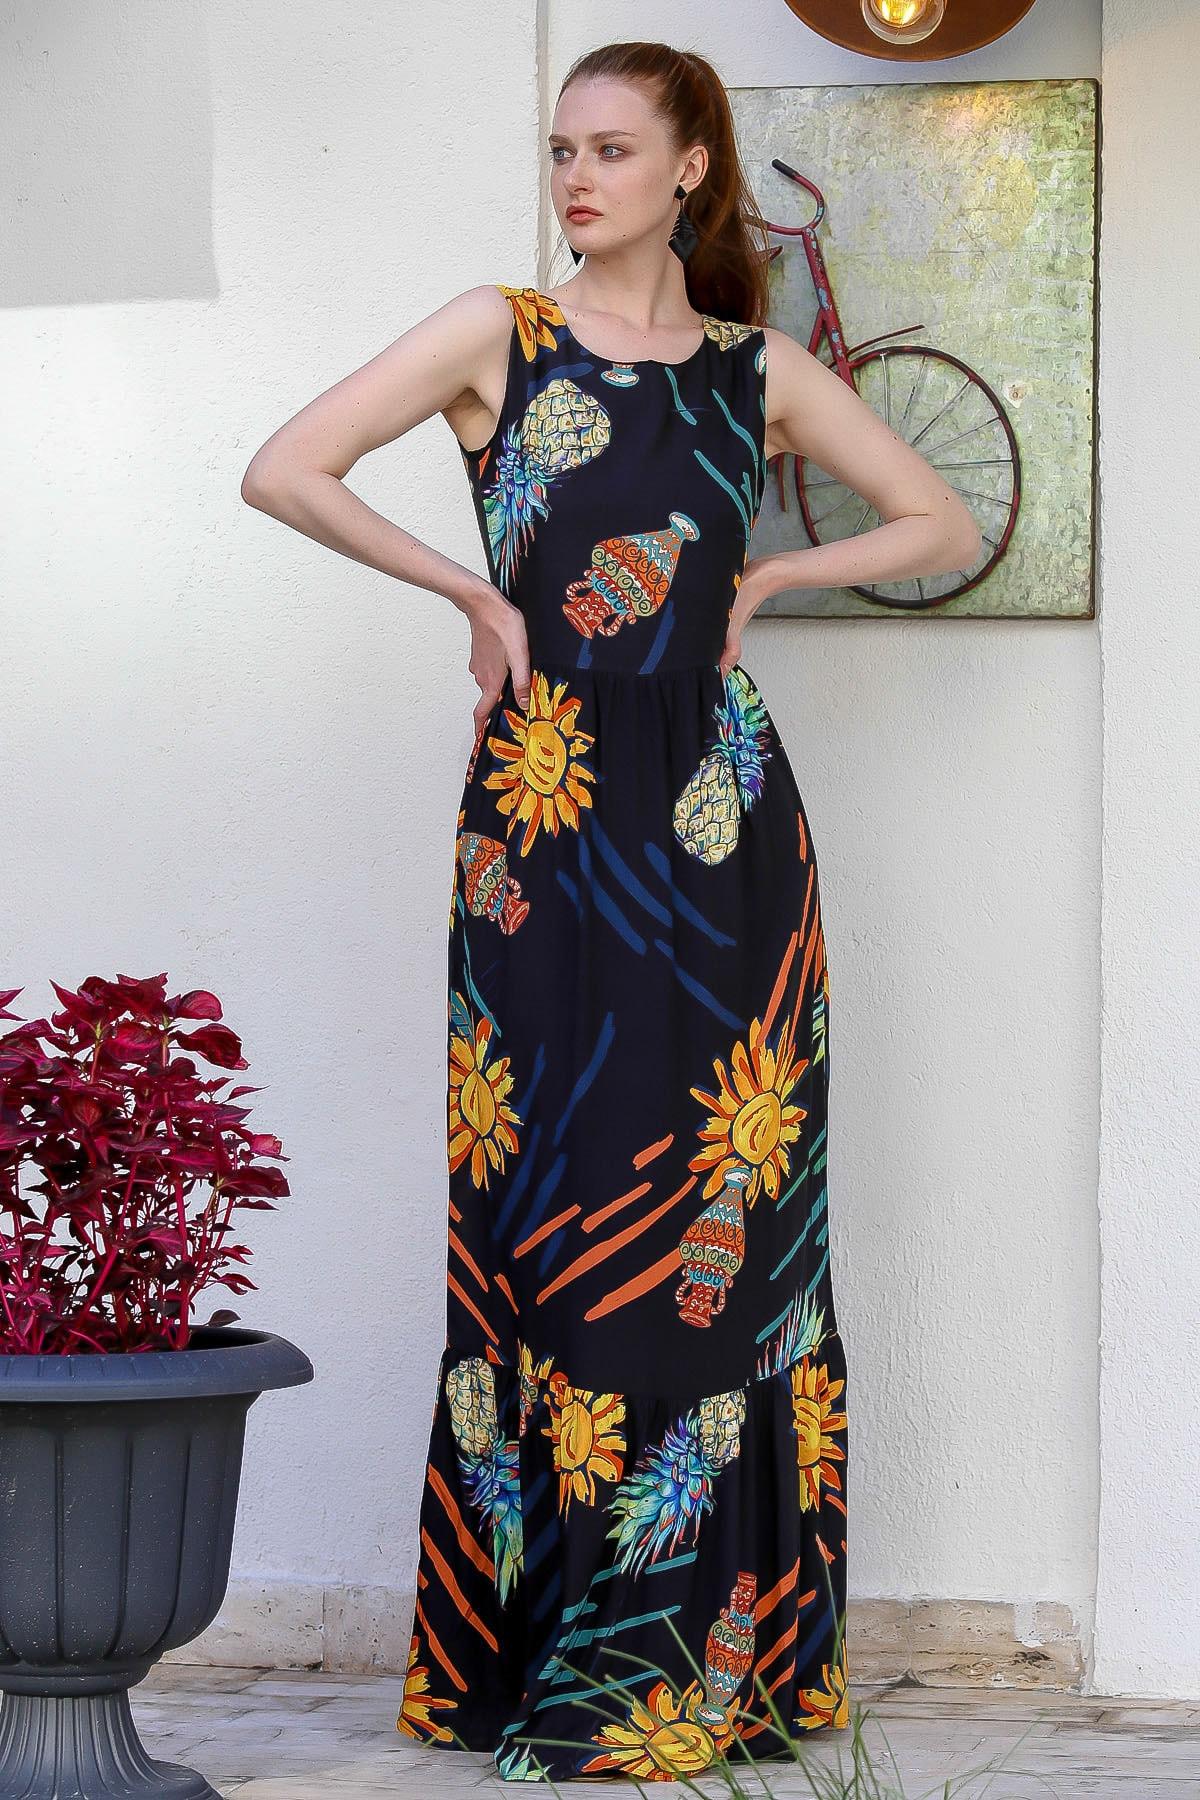 Chiccy Kadın Siyah Sıfır Yaka Ananas Desenli Astarlı Fermuarlı Dokuma Uzun Elbise M10160000El94772 2